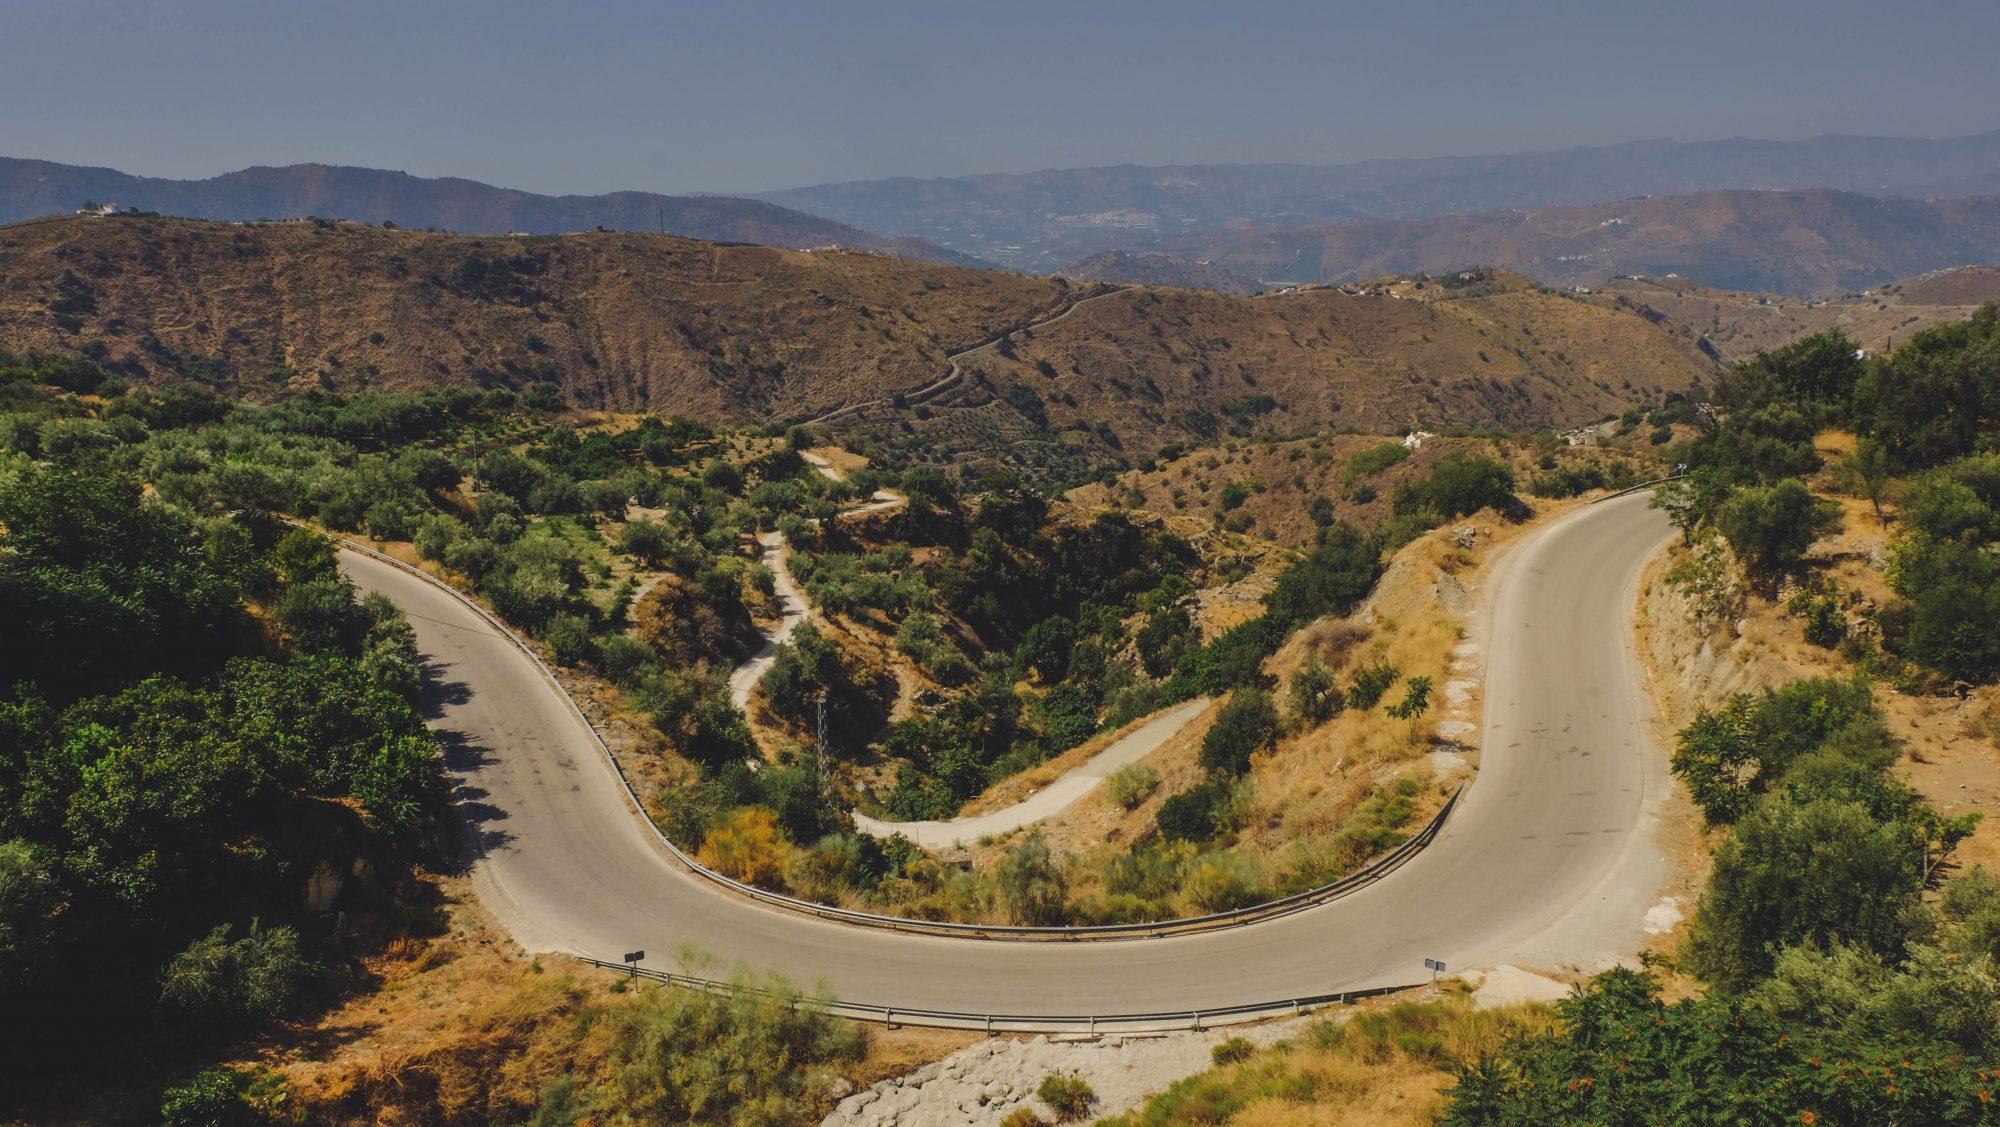 Route de montagne - El Chorro, Espagne